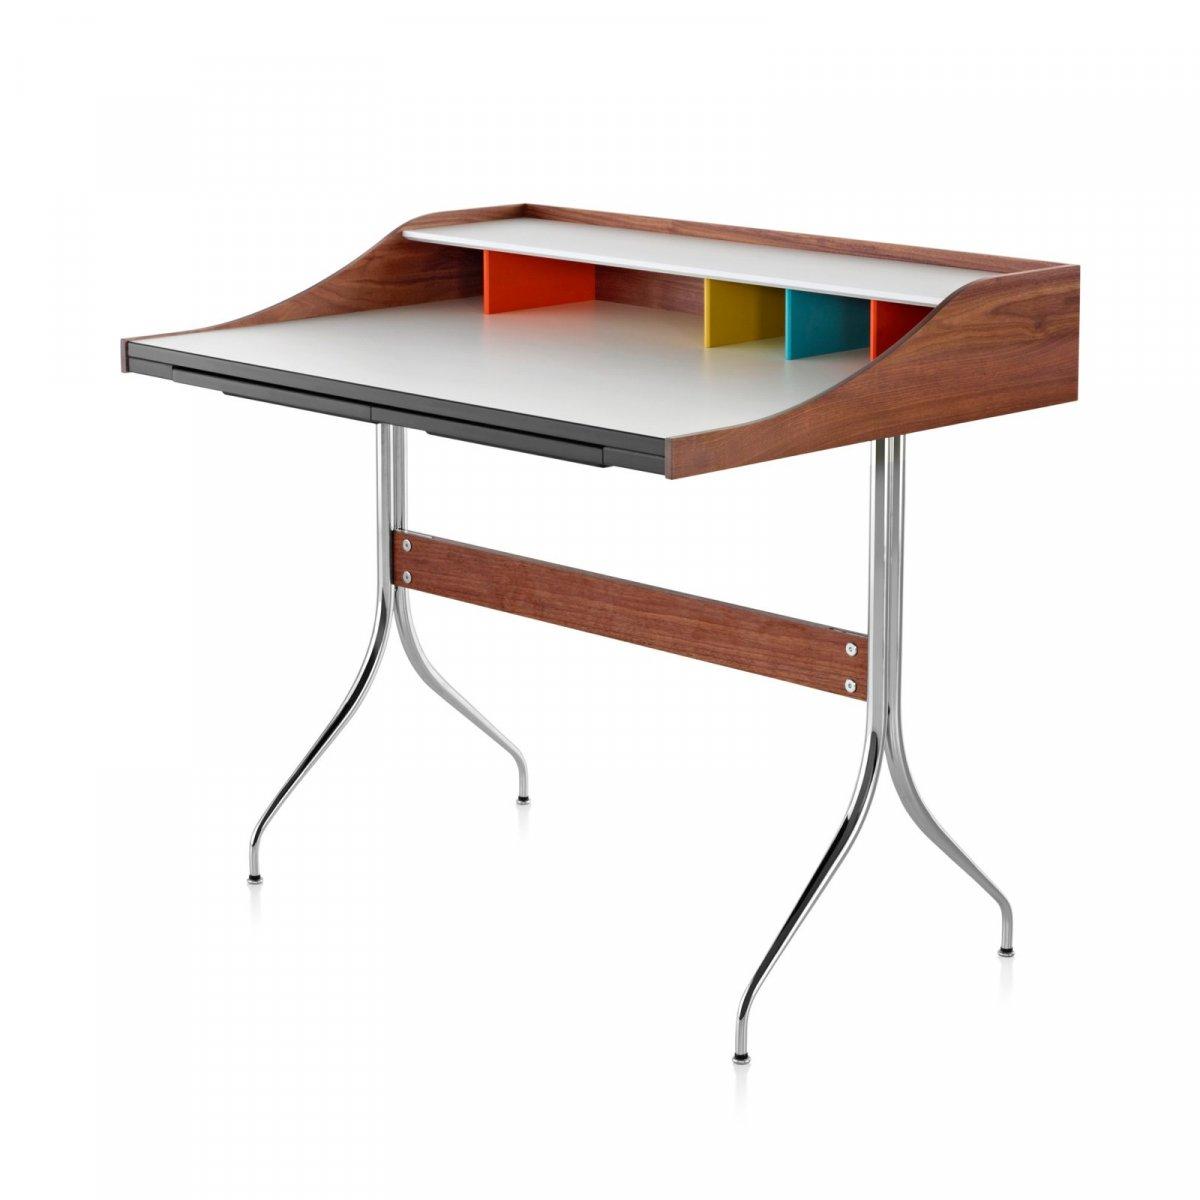 Nelson Swag Leg Desk By George Nelson For Herman Miller